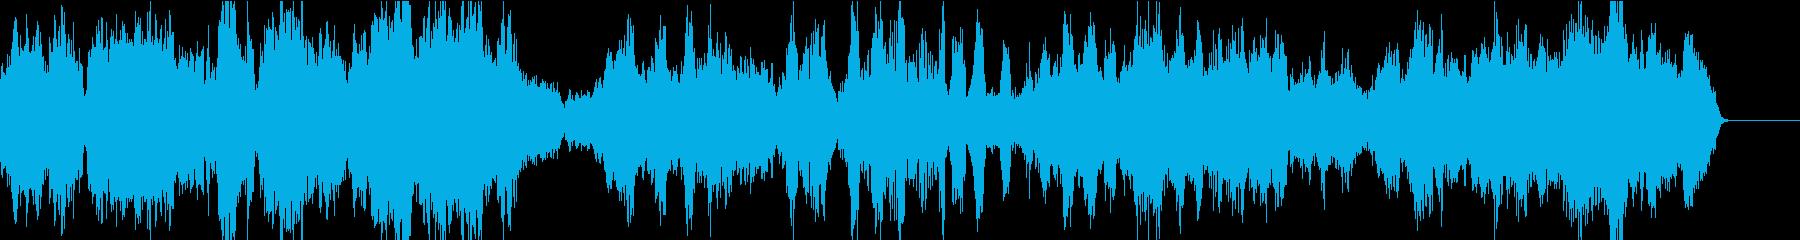 ストリングスと二胡の癒しのアンサンブルの再生済みの波形